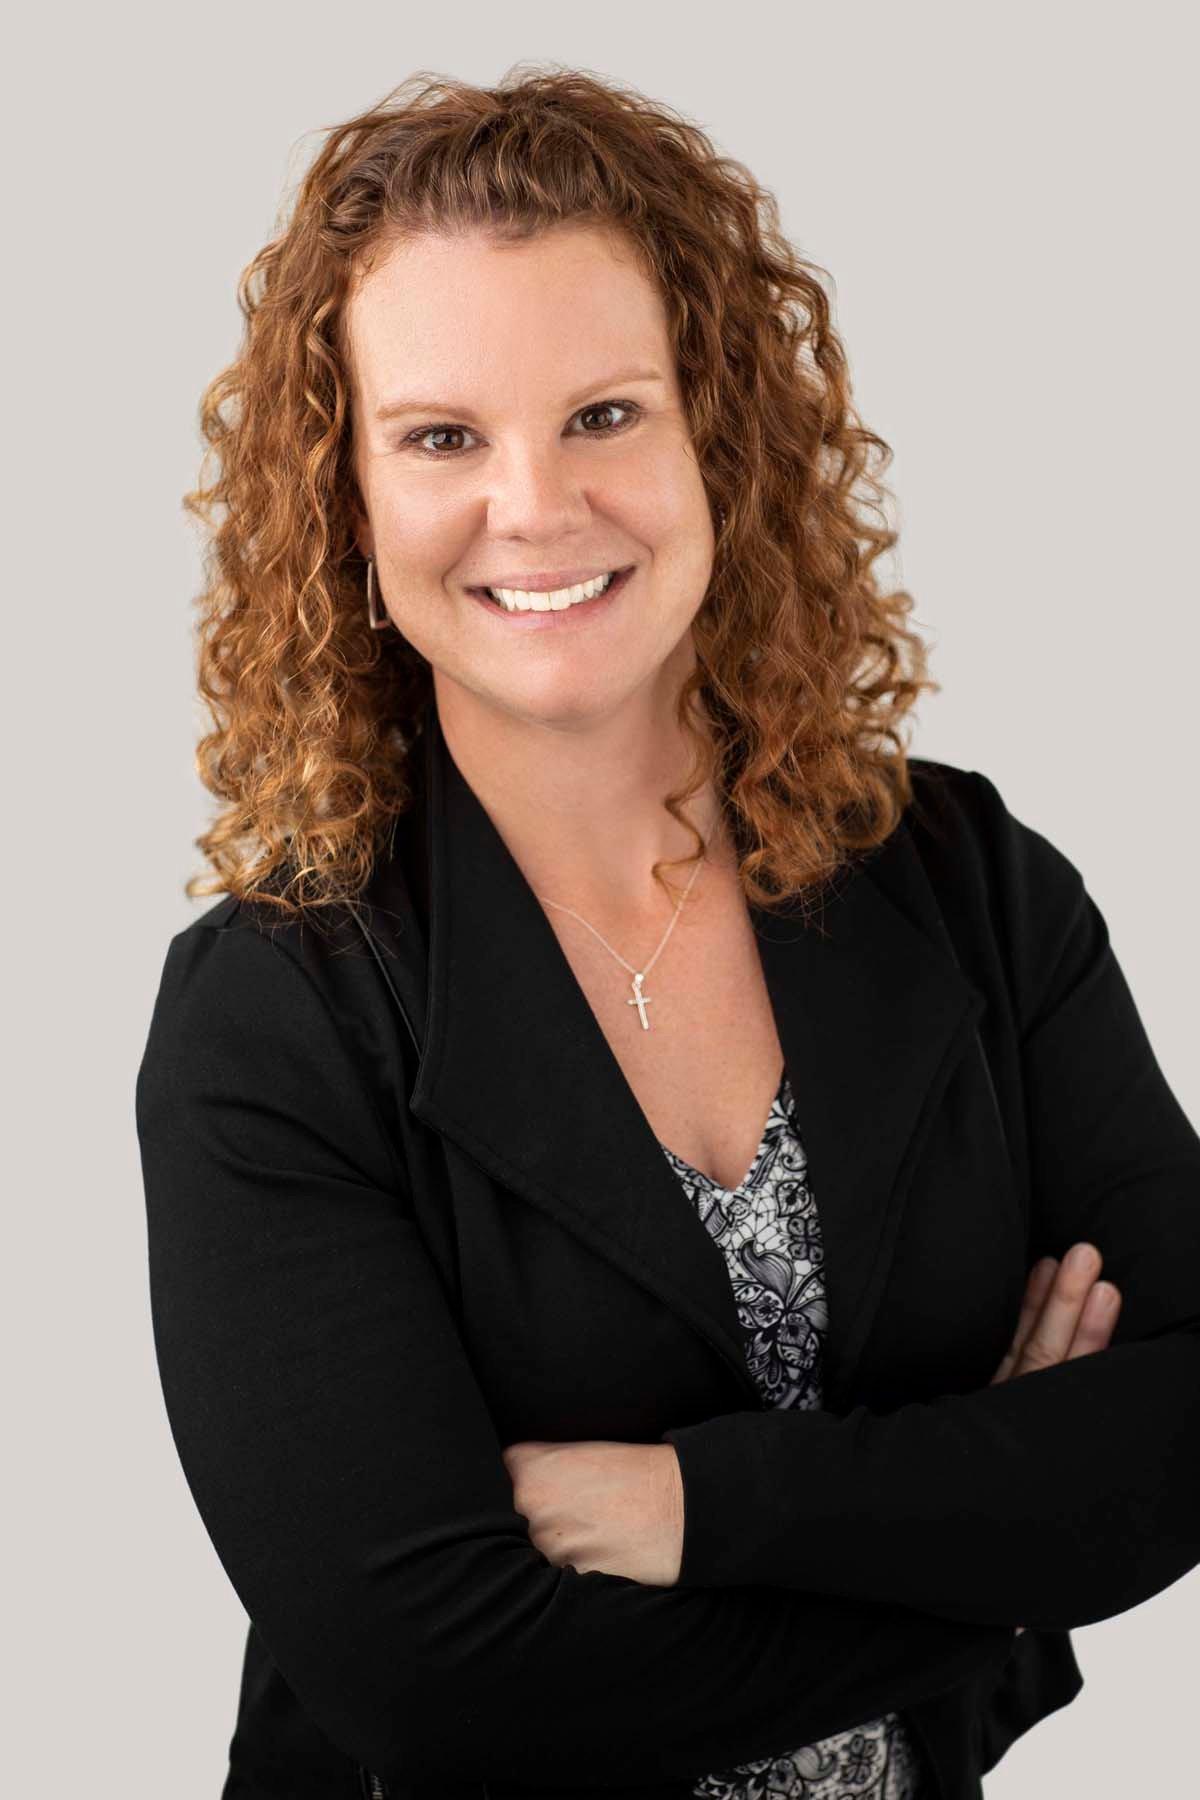 Leslie Hoeppner